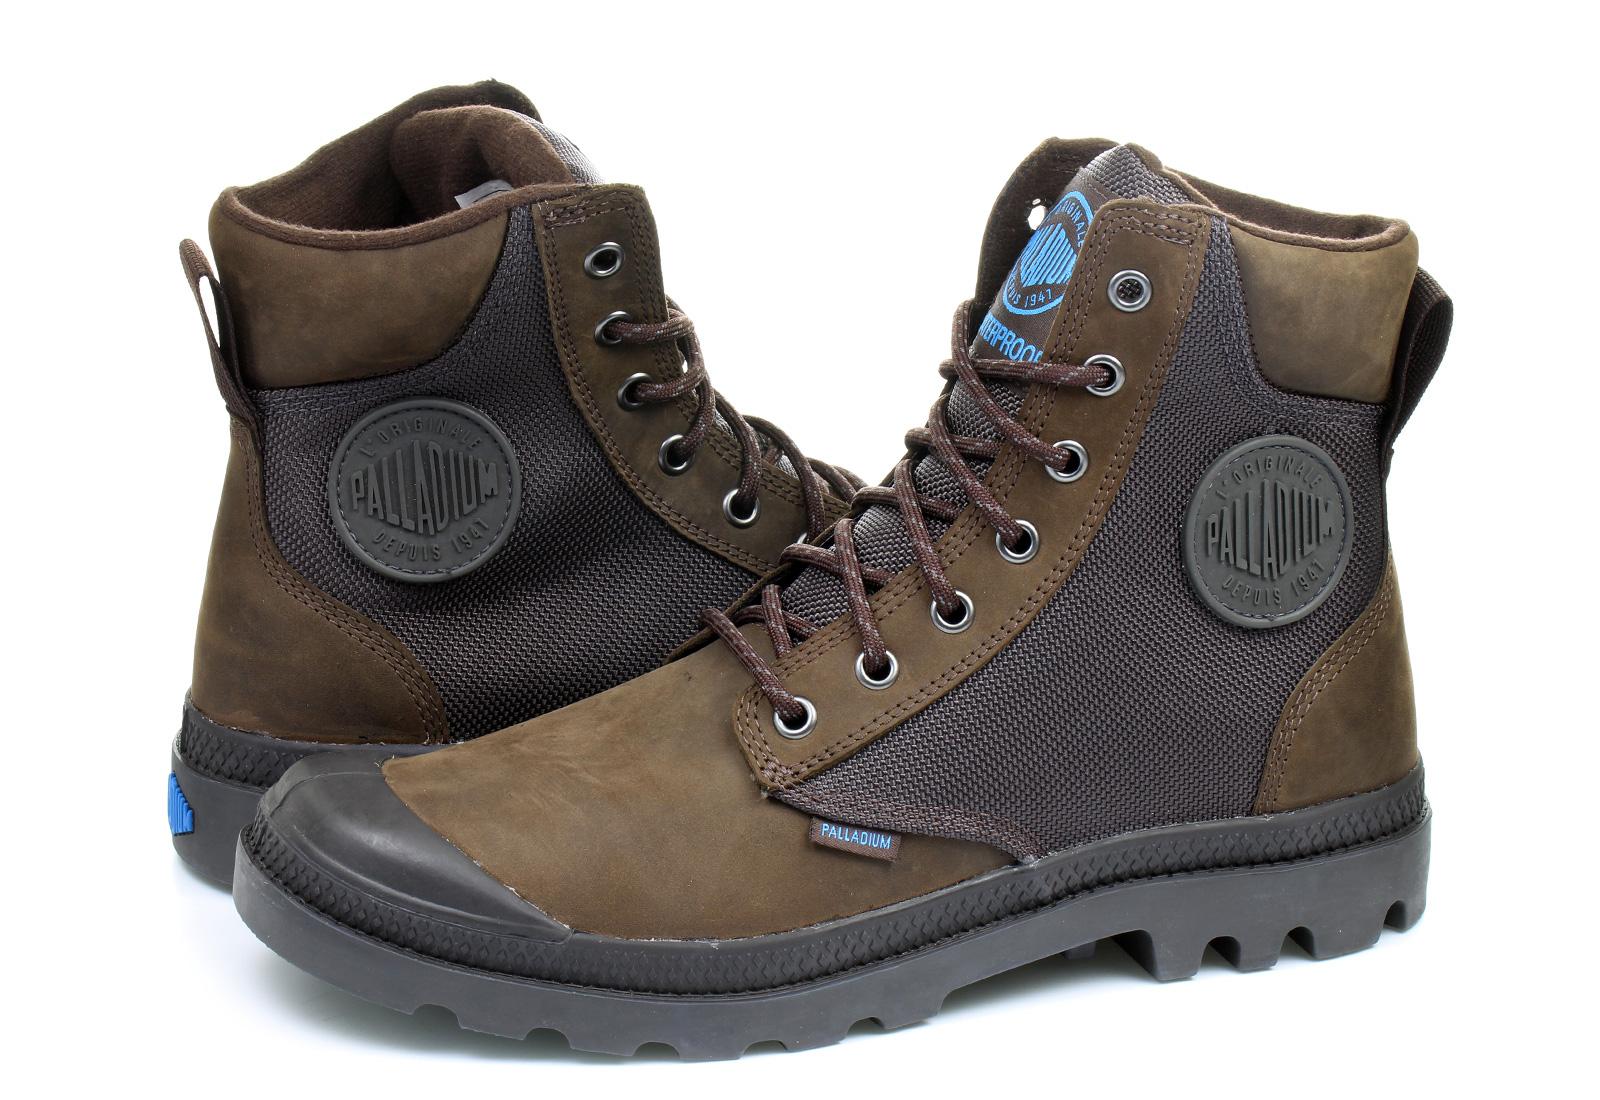 Palladium Boots Spor Cuf Wpn U 73234 246 M Online